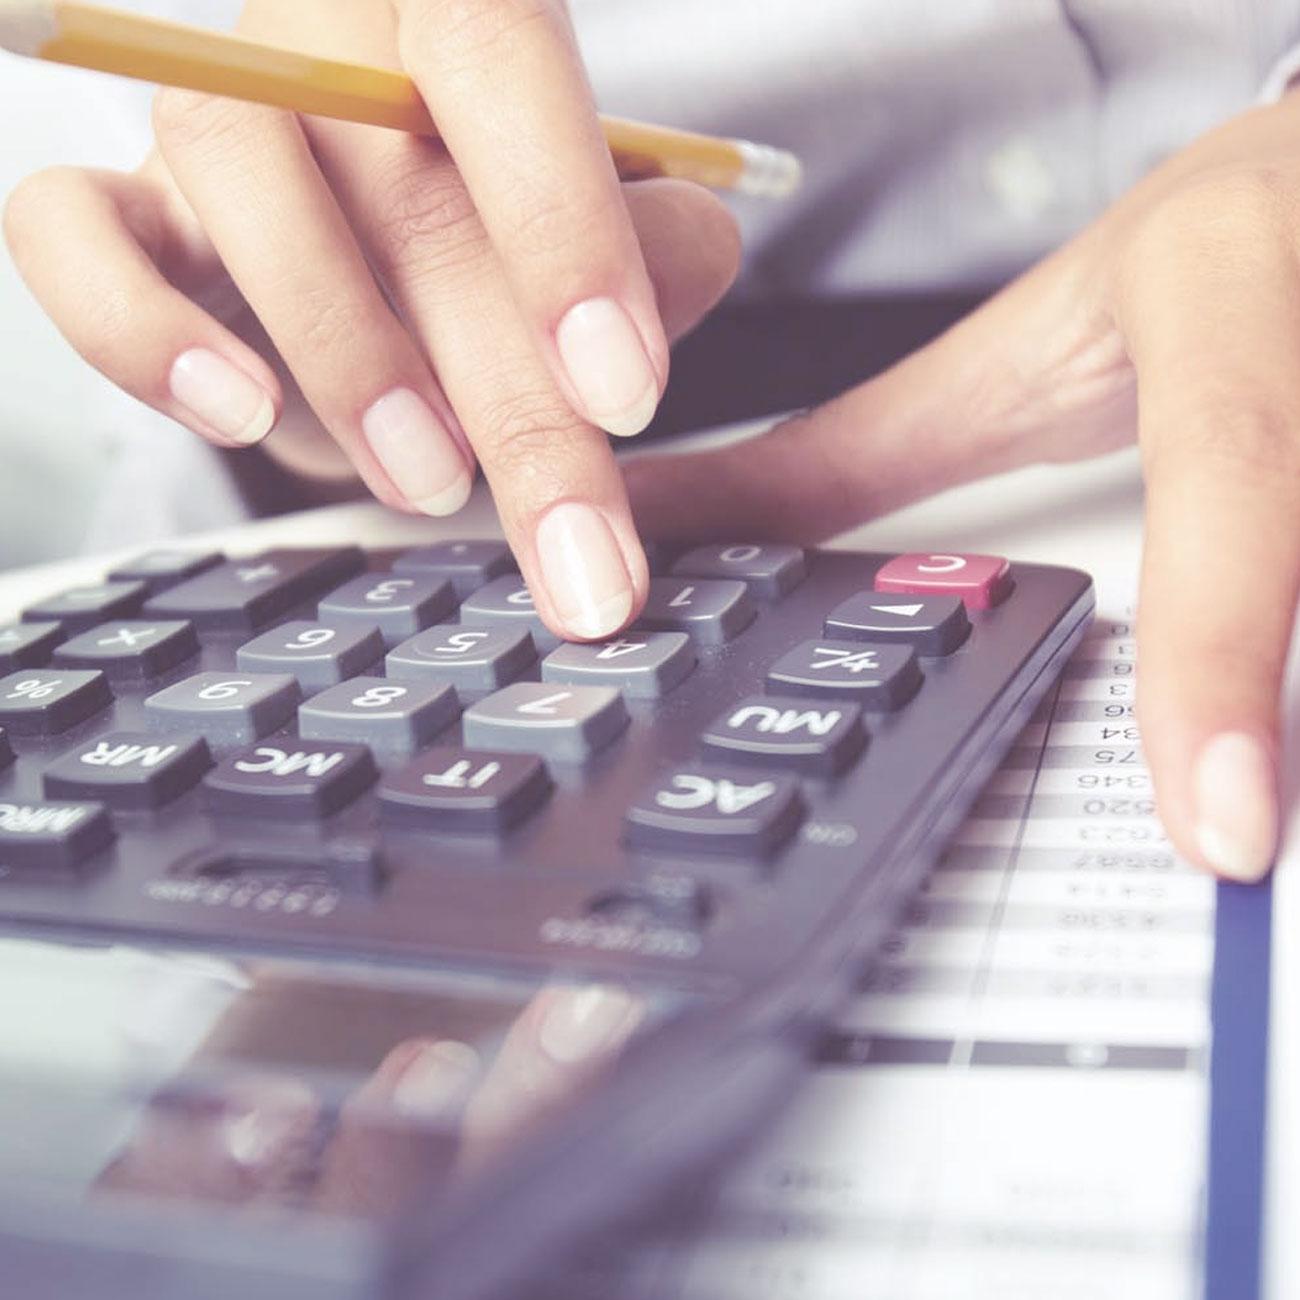 Financiación para tratamientos de medicina y estética